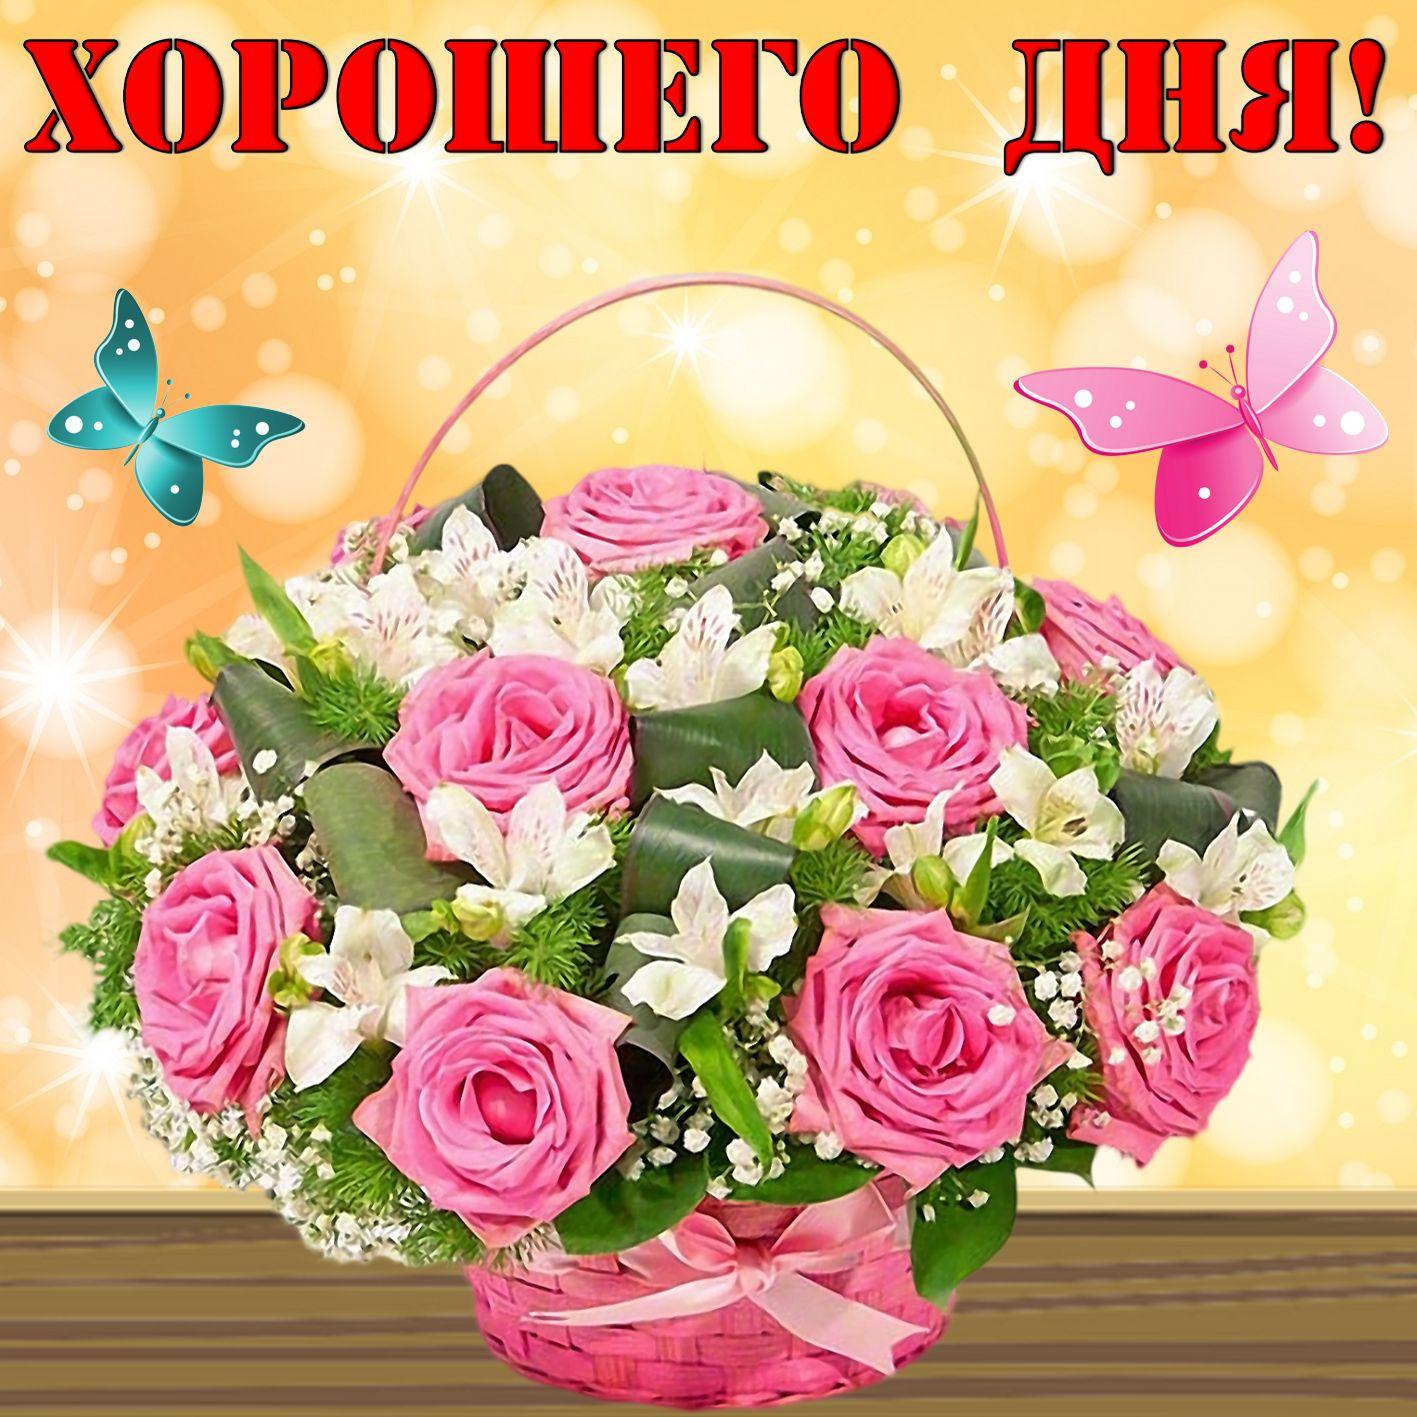 картинки с красивыми букетами цветов и пожеланий абсолютном большинстве